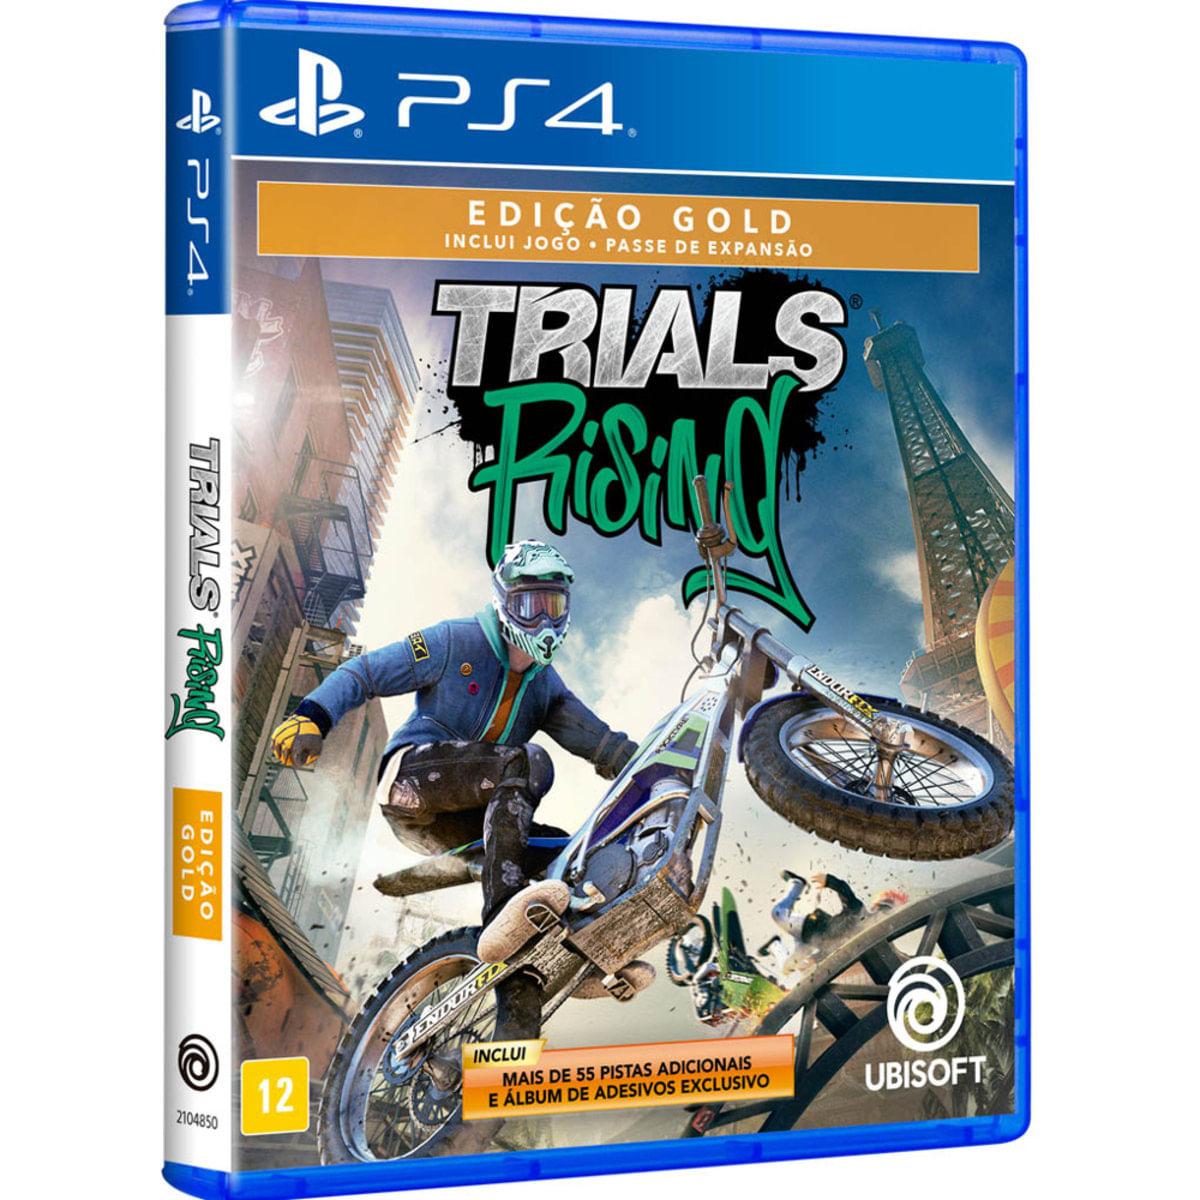 Jogo Trials Rising - Edição Gold - Playstation 4 - Ubisoft